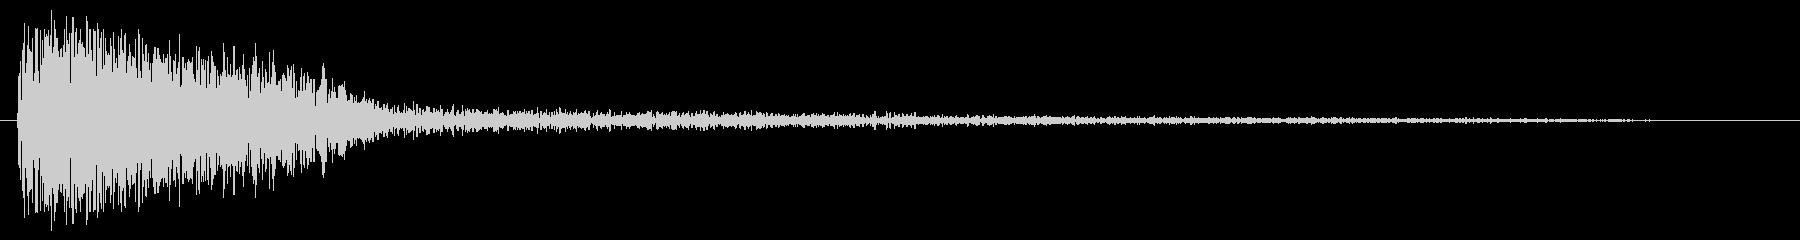 ゴーン(鐘や金属の音)の未再生の波形